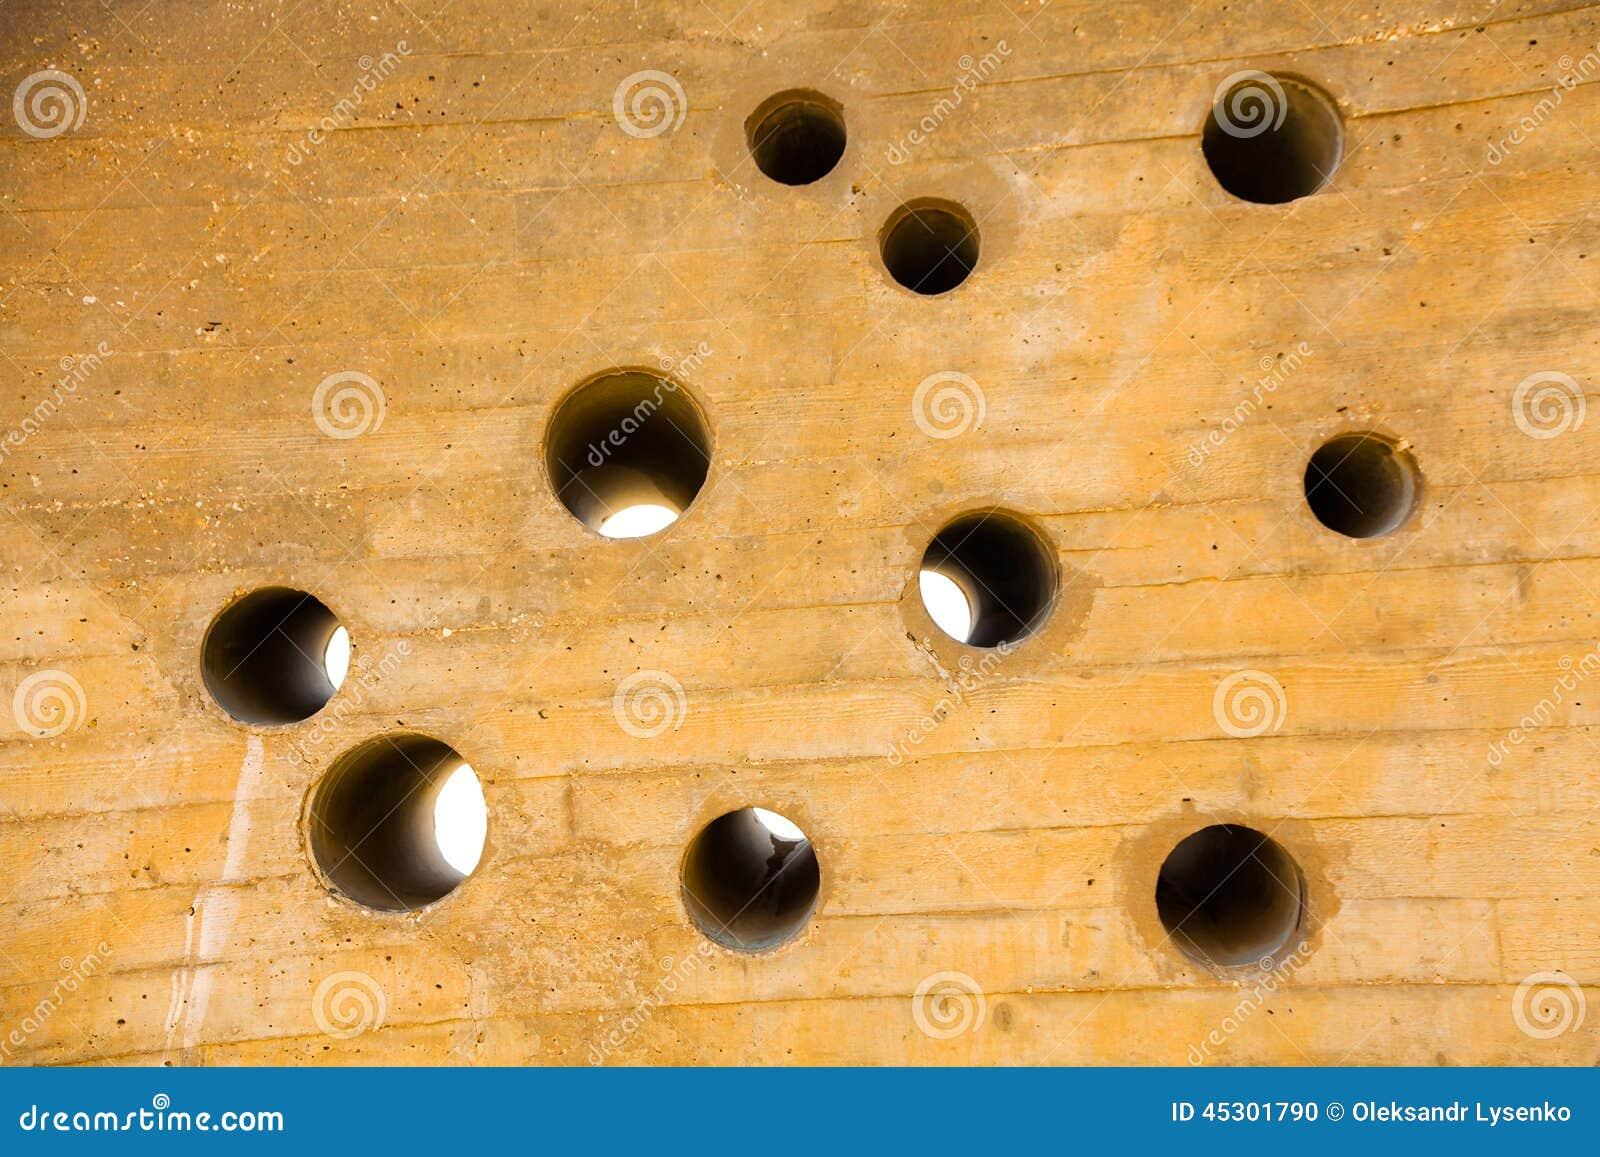 Mur avec une pluralité de trous ronds